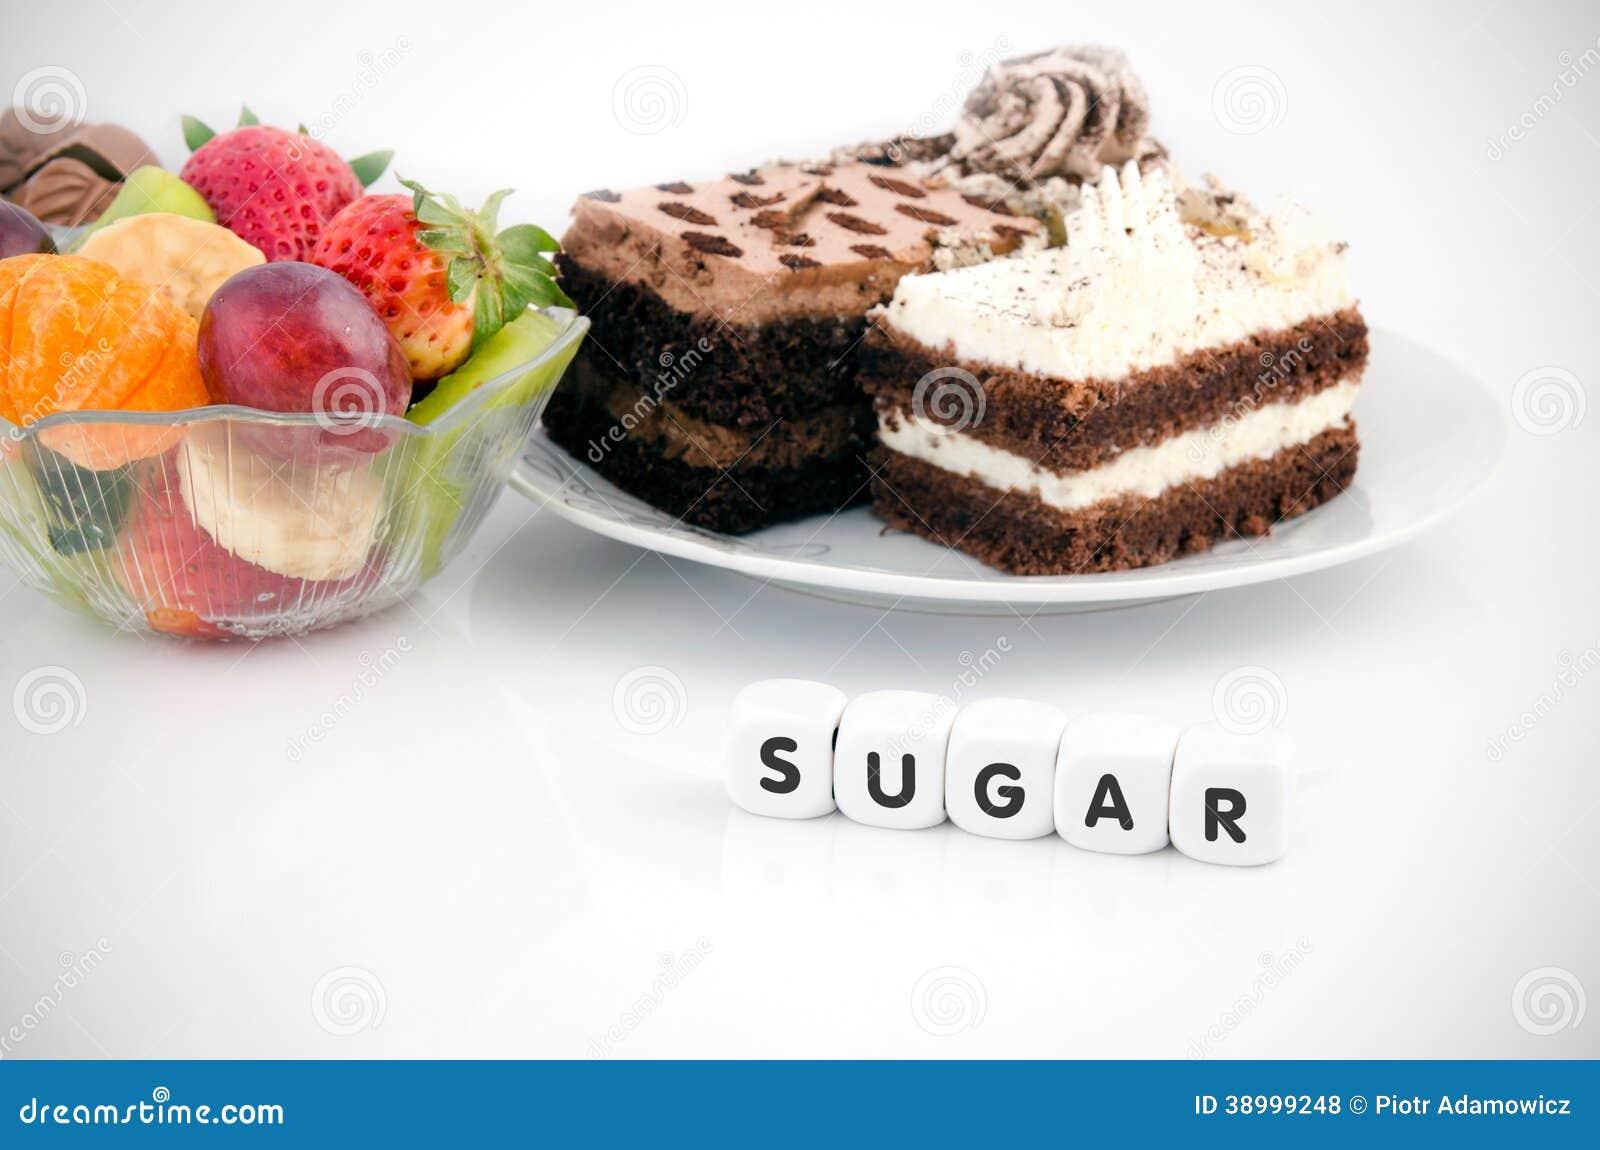 Cukrowy słowo dalej dices. Tort i owoc w tle